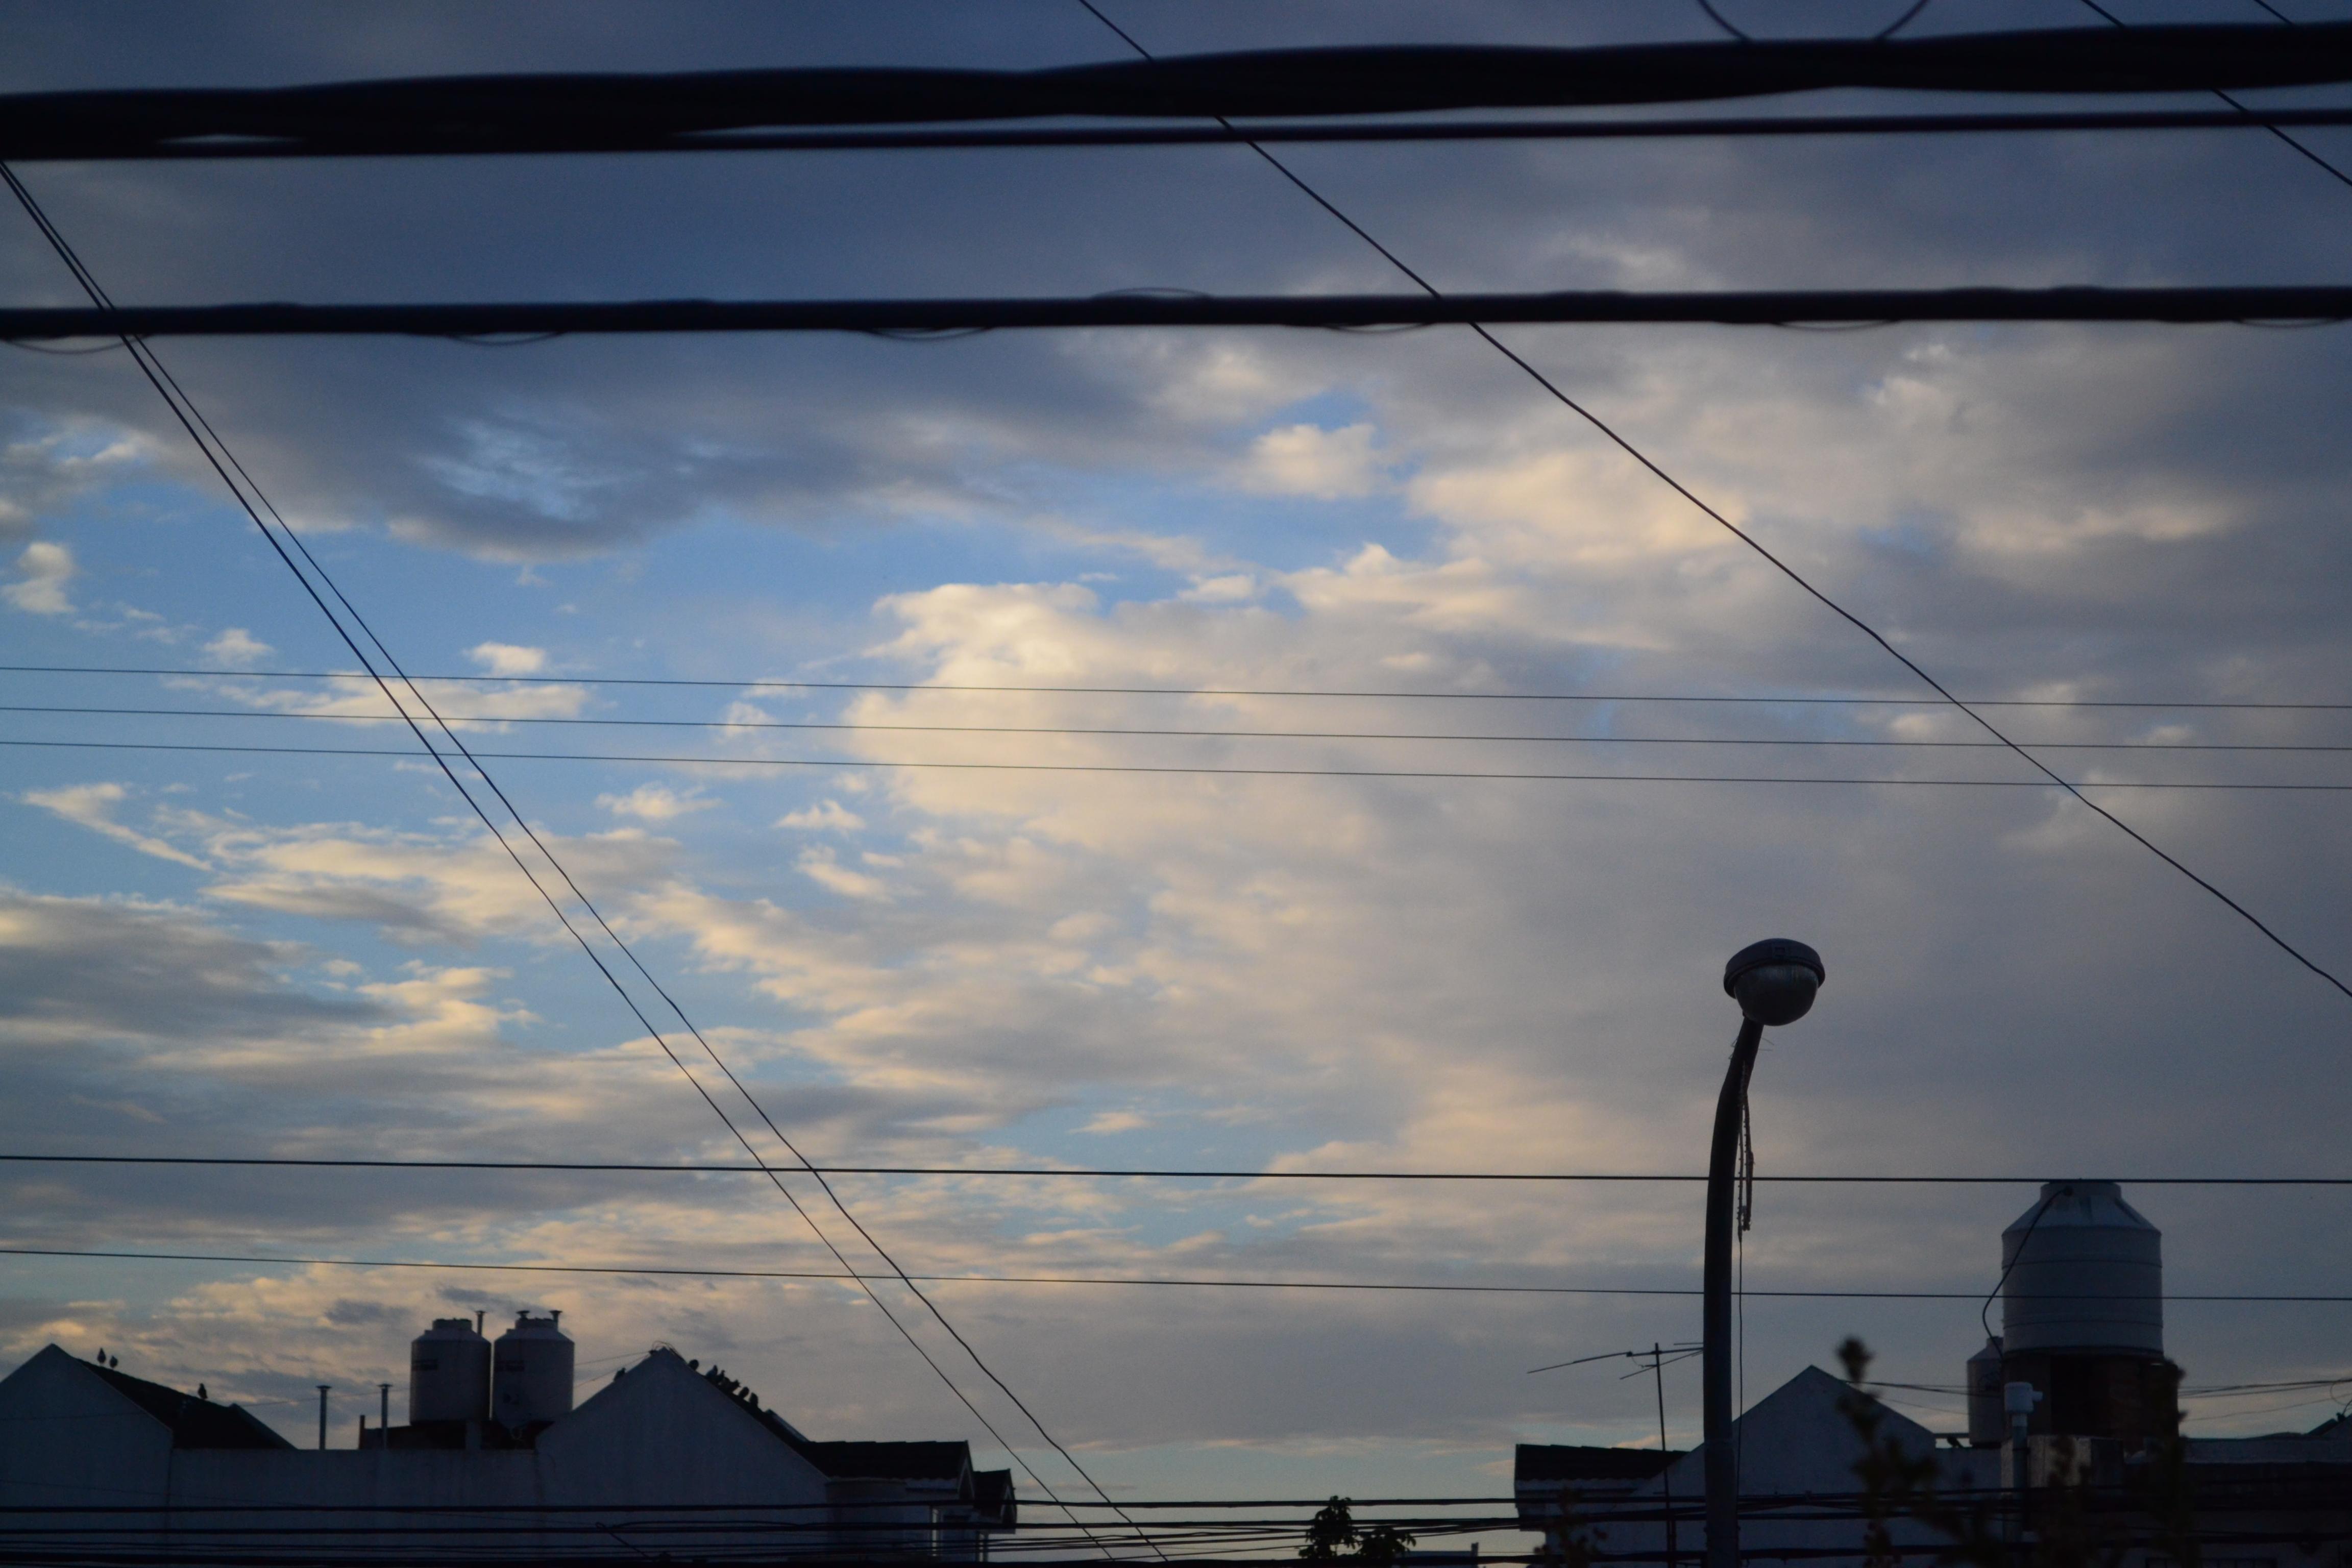 ba-232-sunrise